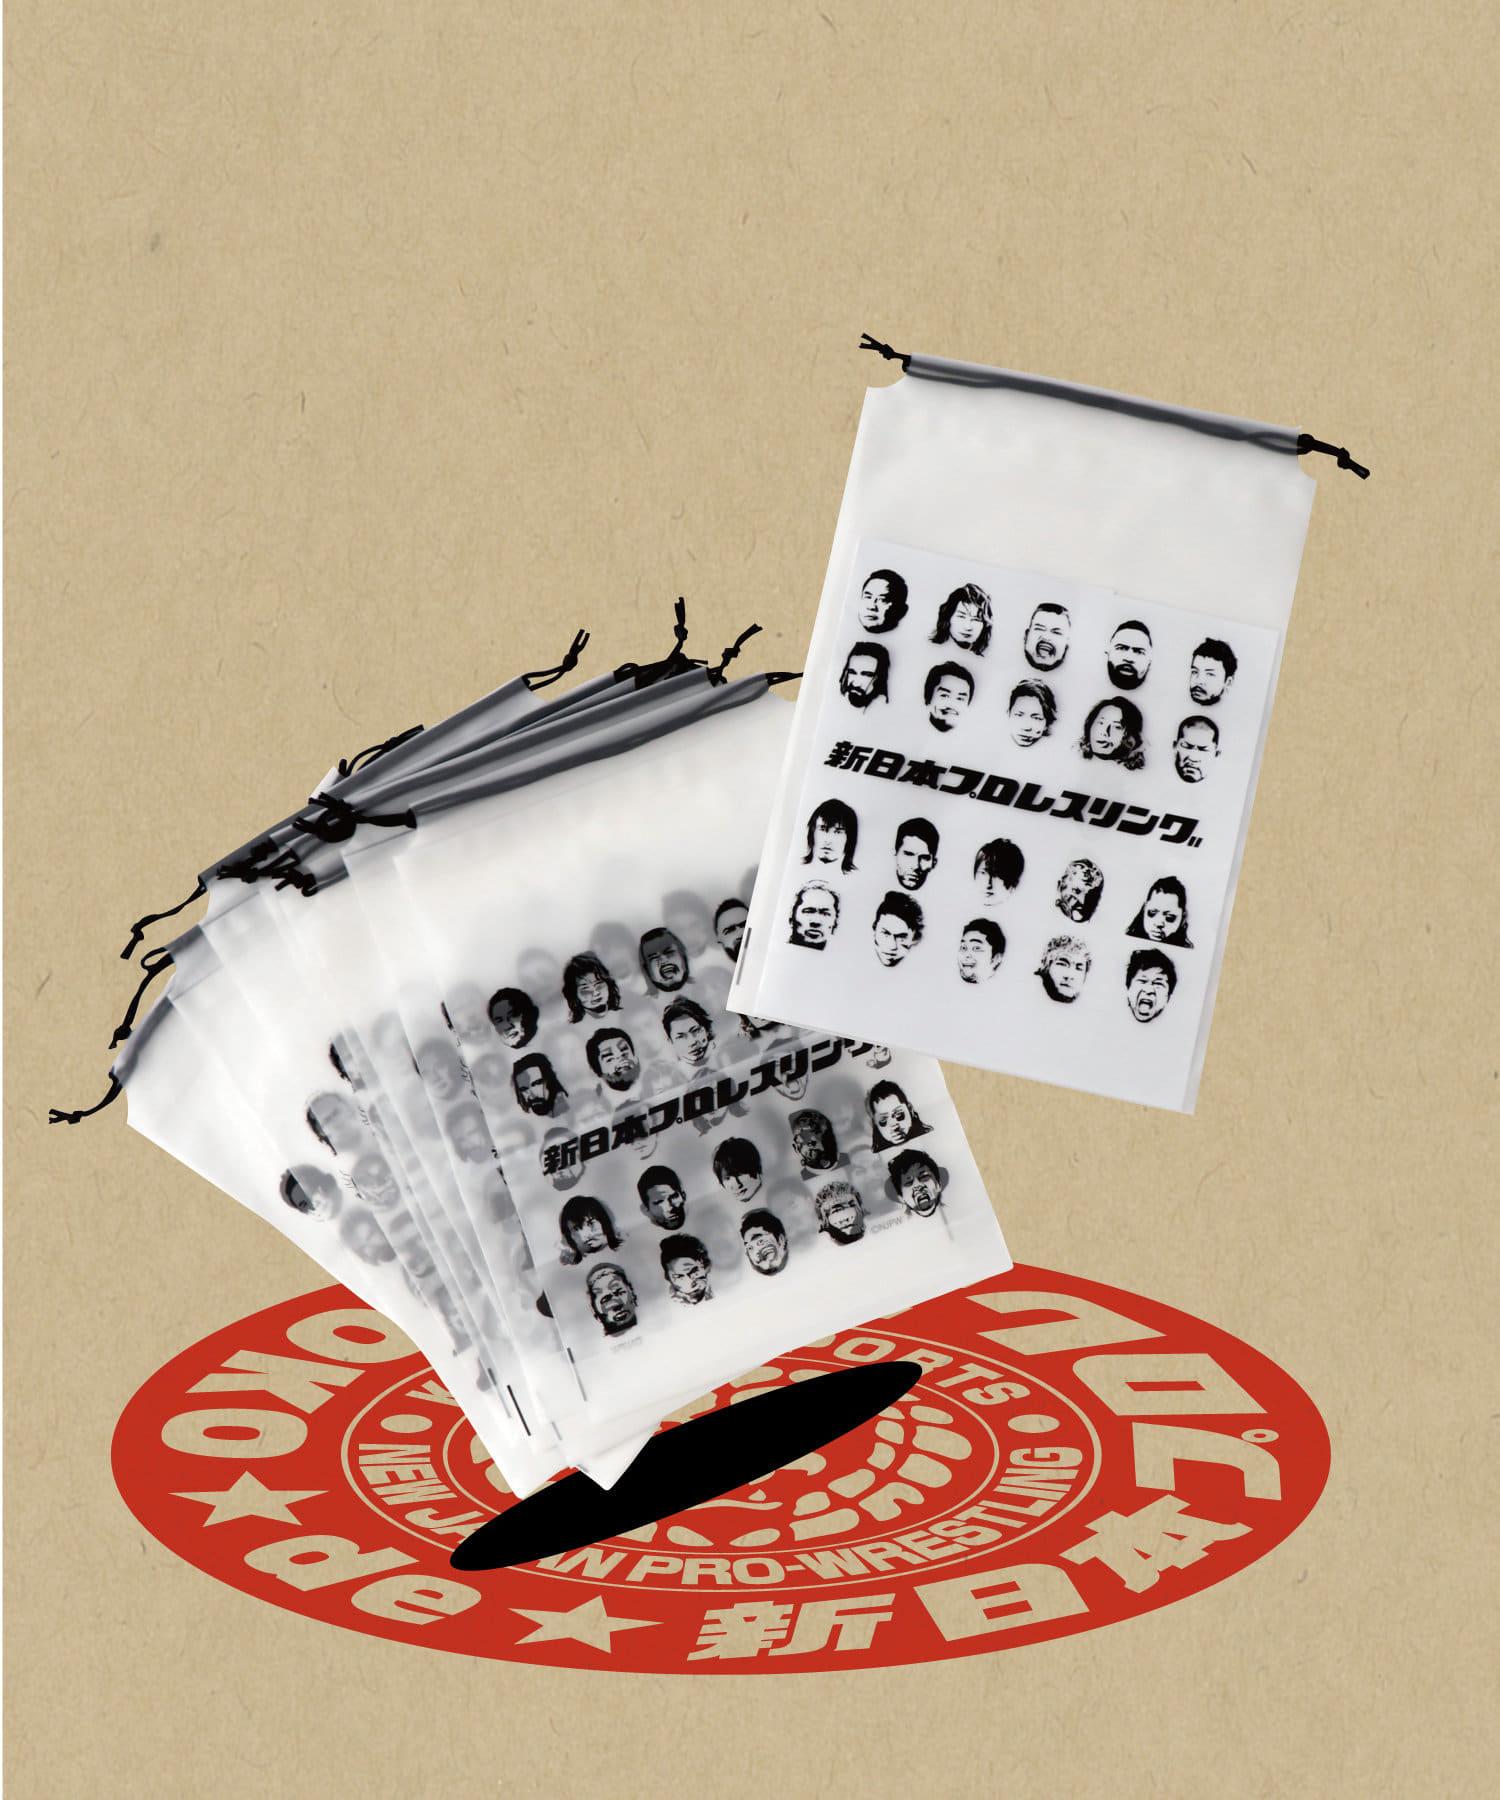 ASOKO(アソコ) ASOKO(アソコ) 【ASOKO de 新日本プロレス】ビニール巾着10枚セット その他